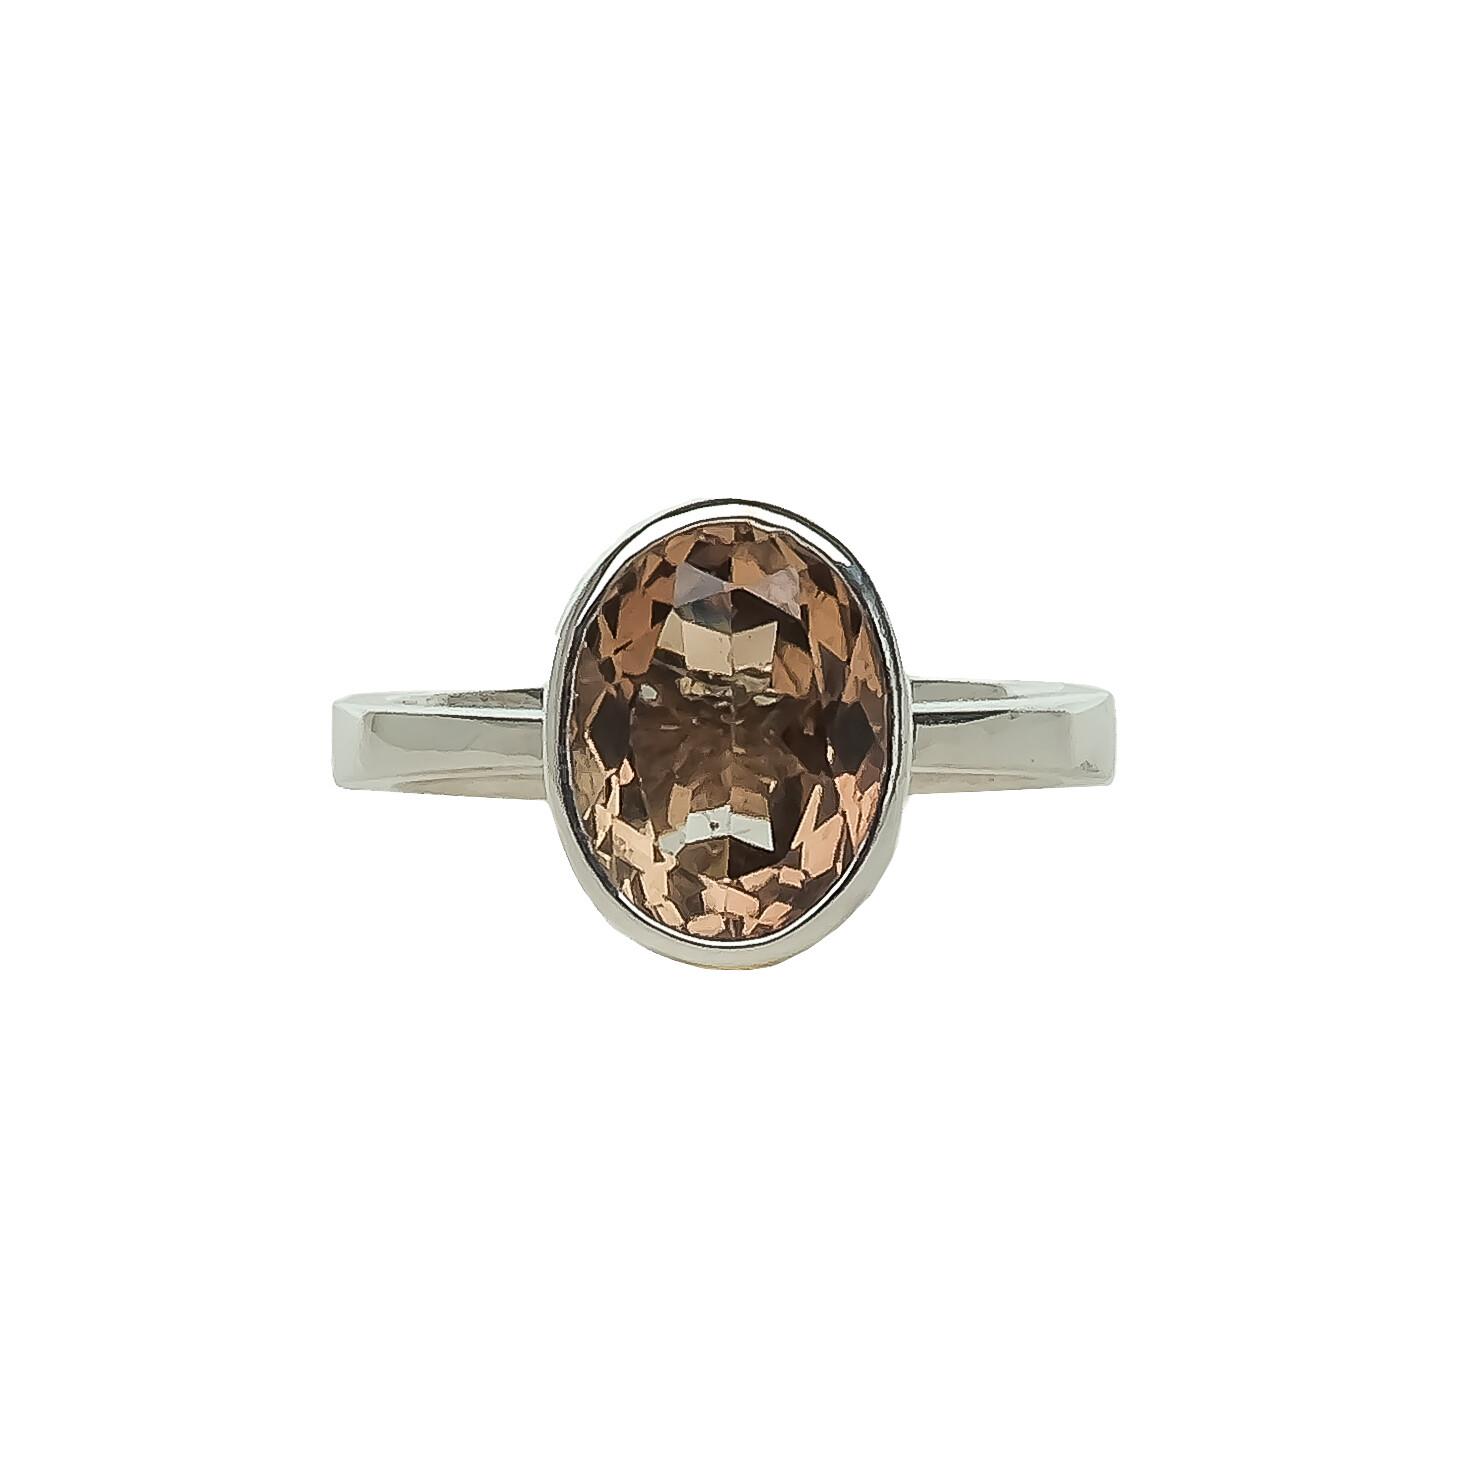 The Elemental Bezel Ring - Topaz - 6.5⌀ (S925)